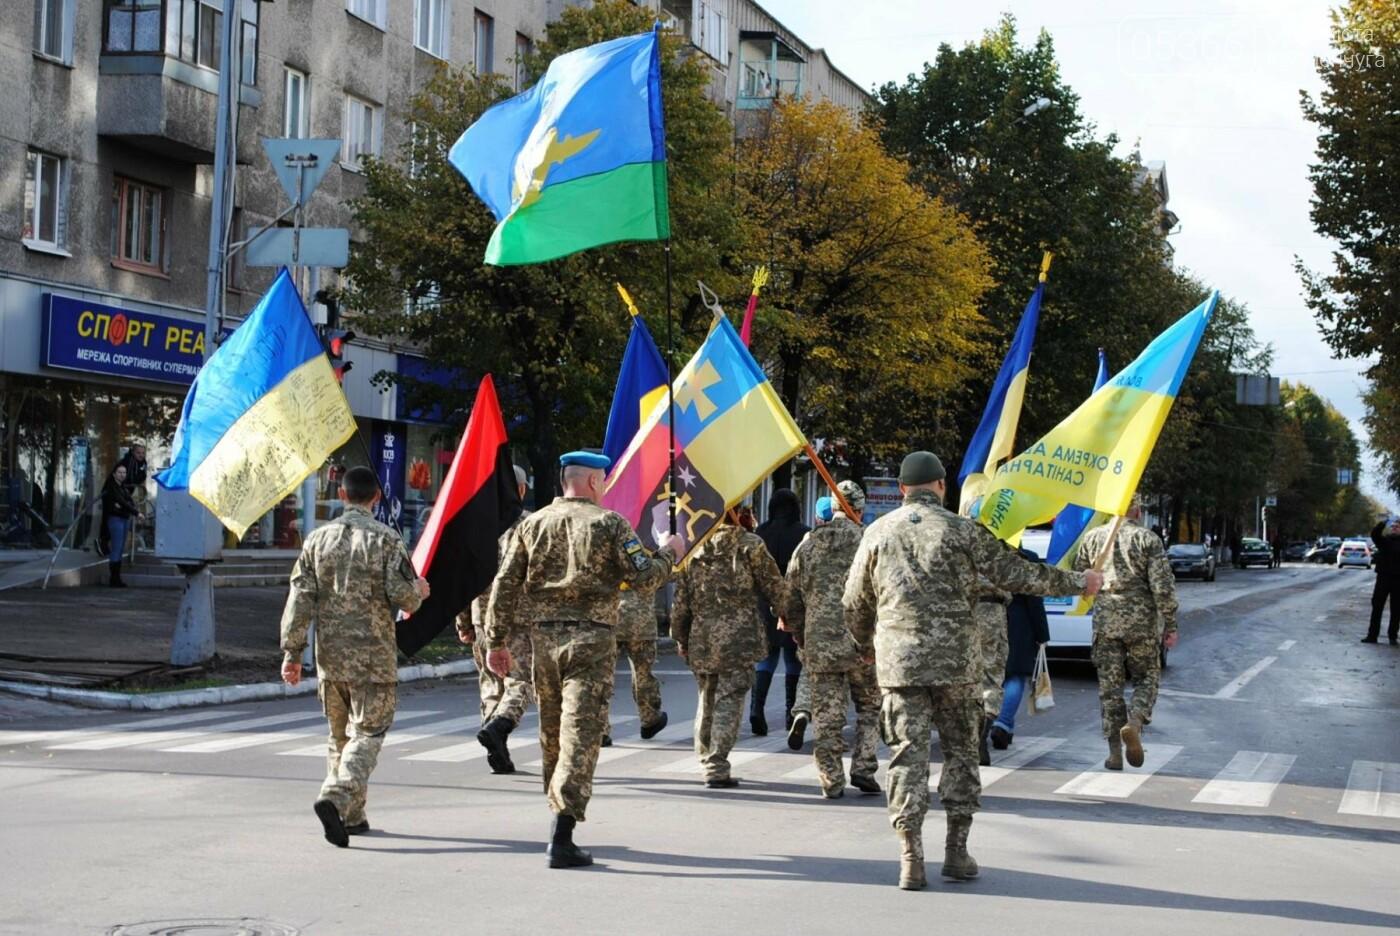 Кременчуг празднует День защитника Украины (фоторепортаж), фото-3